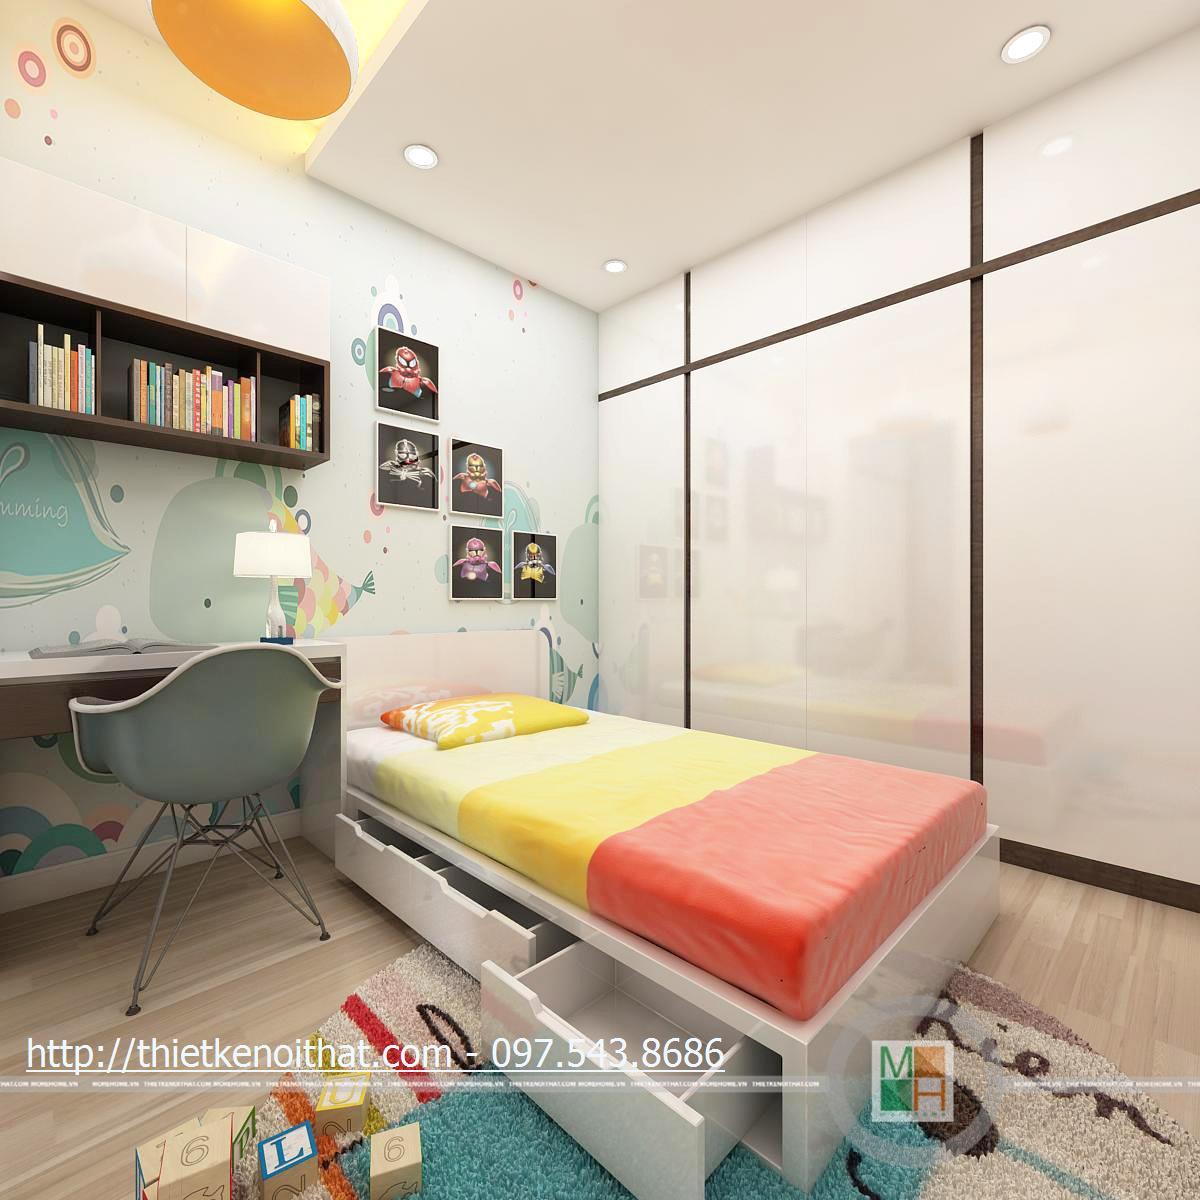 Thiết kế nội thất chung cư StarCity Lê Văn Lương